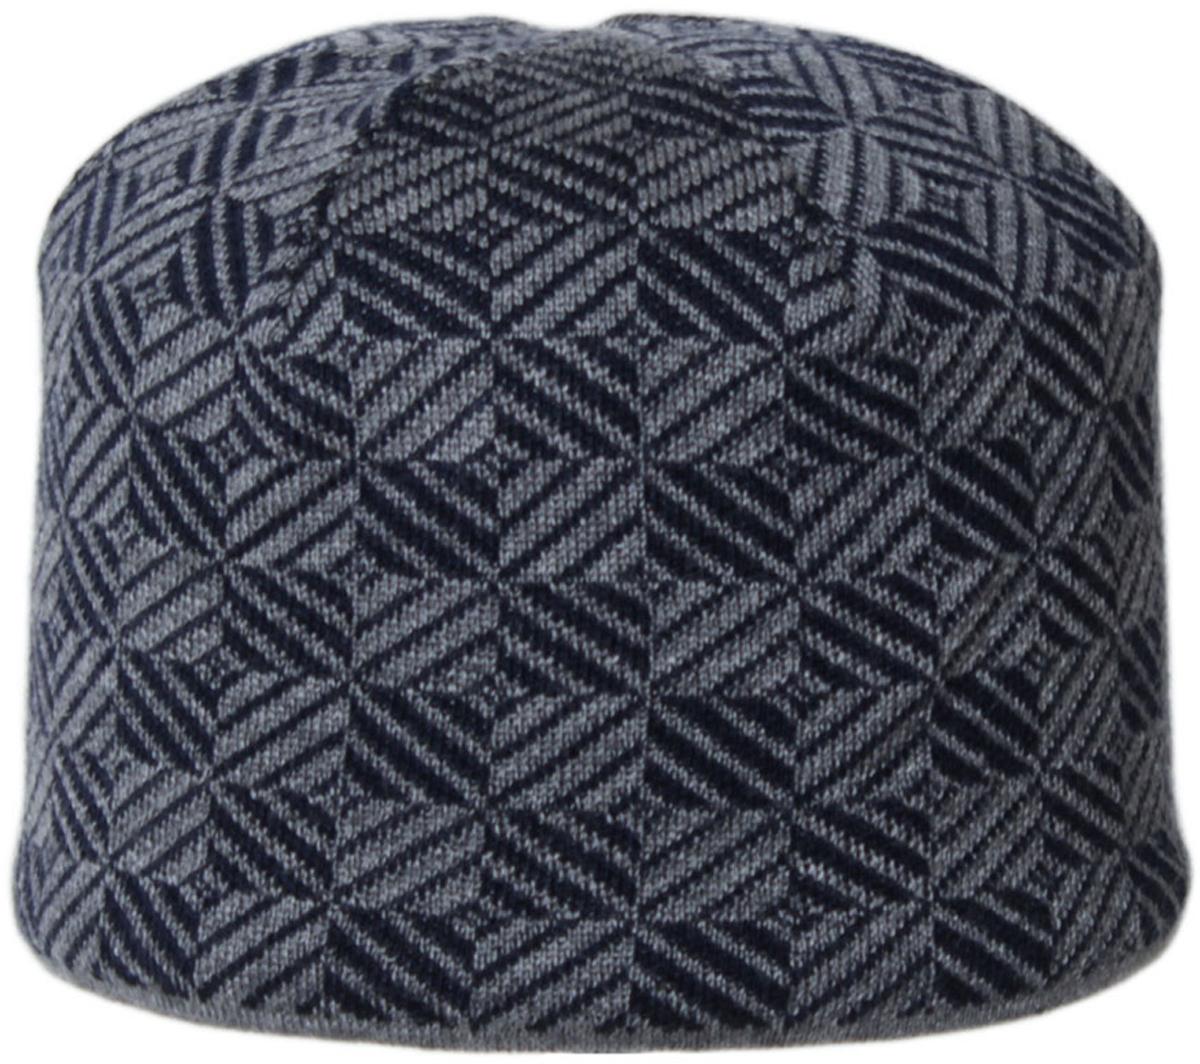 Шапка мужская. 5-0175-017Вязаная мужская шапка отлично подойдет для повседневной носки и активного отдыха в зимнее время года. Быстро выводит влагу от тела, оставляя изделие сухим. Шапка подарит ощущение тепла и комфорта в прохладный день.